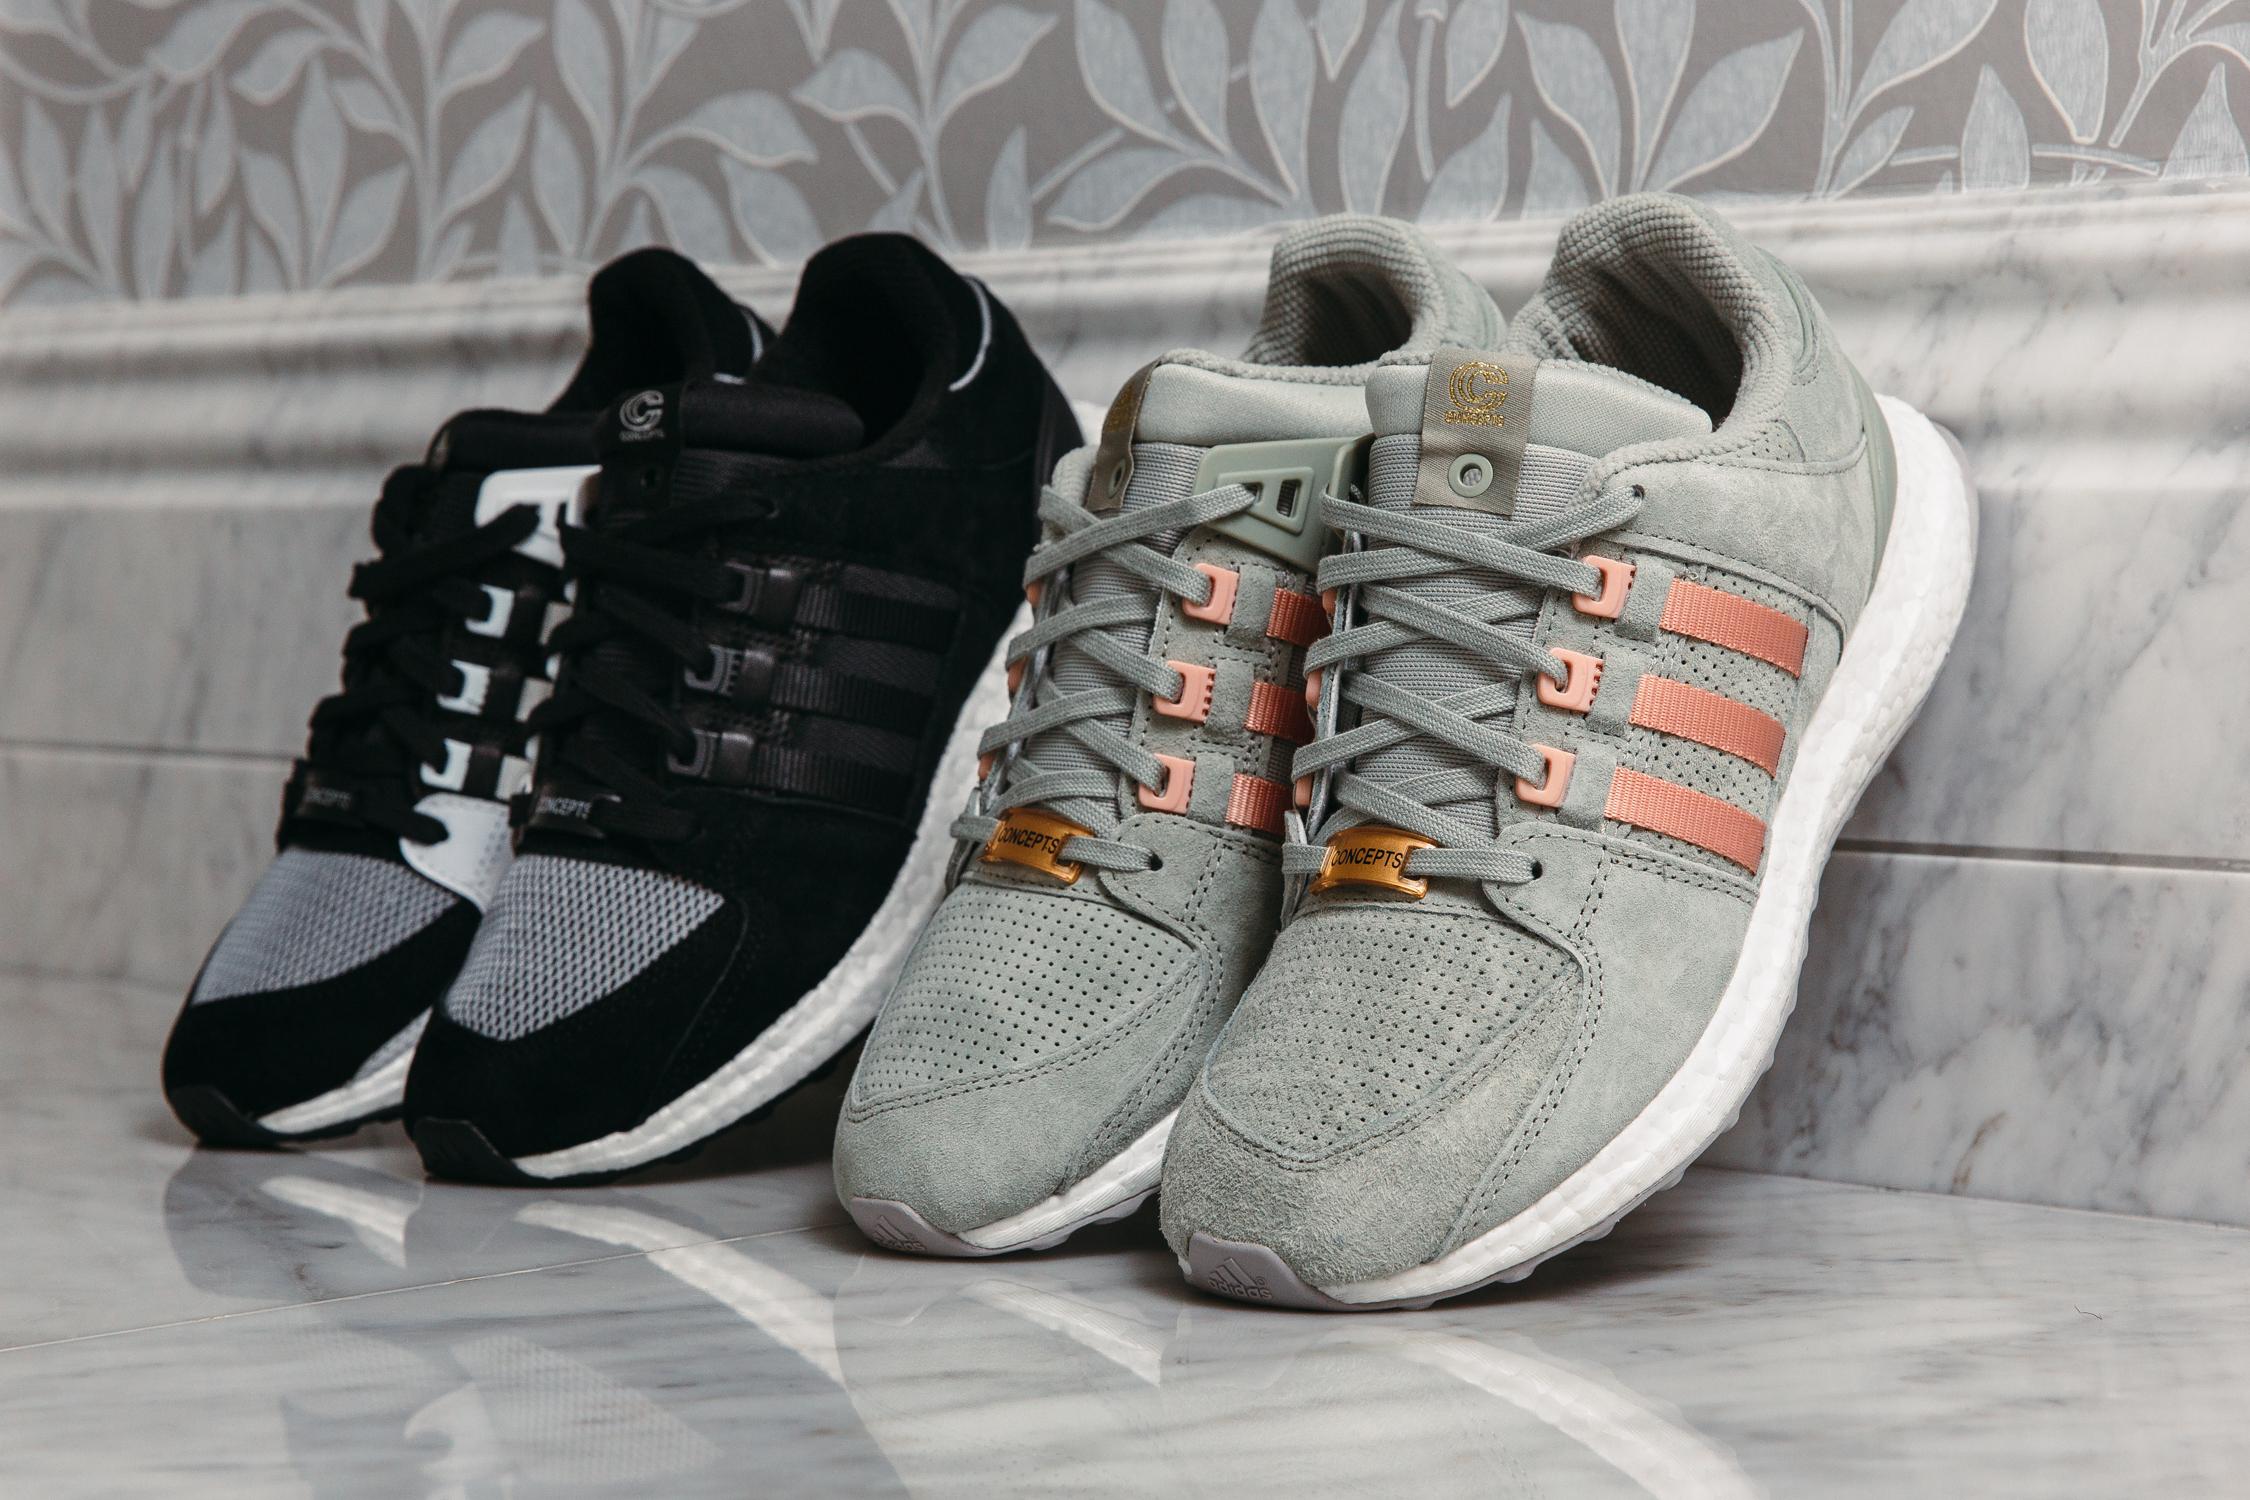 adidas eqt support 93/16 'concepts'